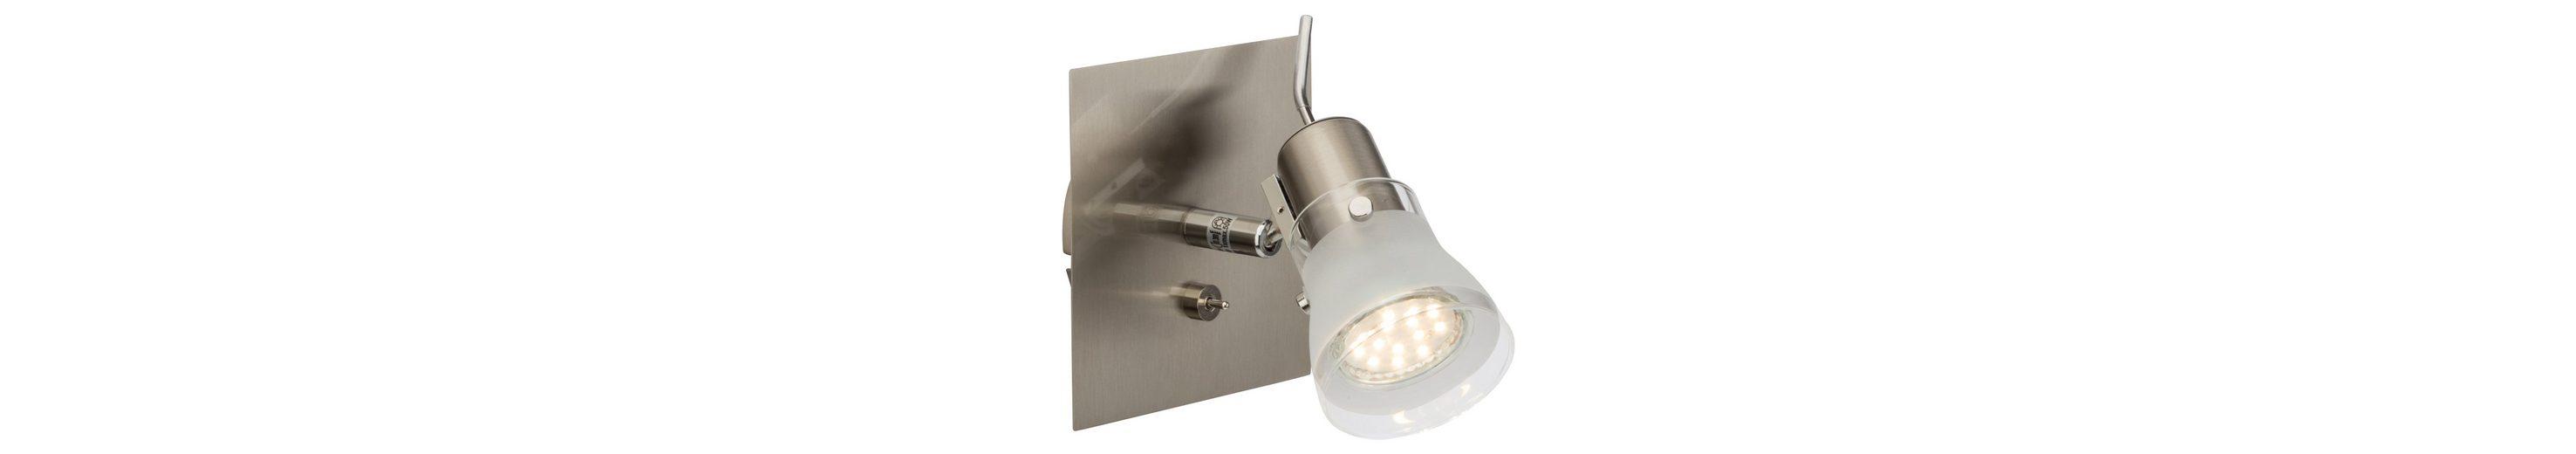 Brilliant Leuchten Lipari LED Wandspot mit Schalter eisen